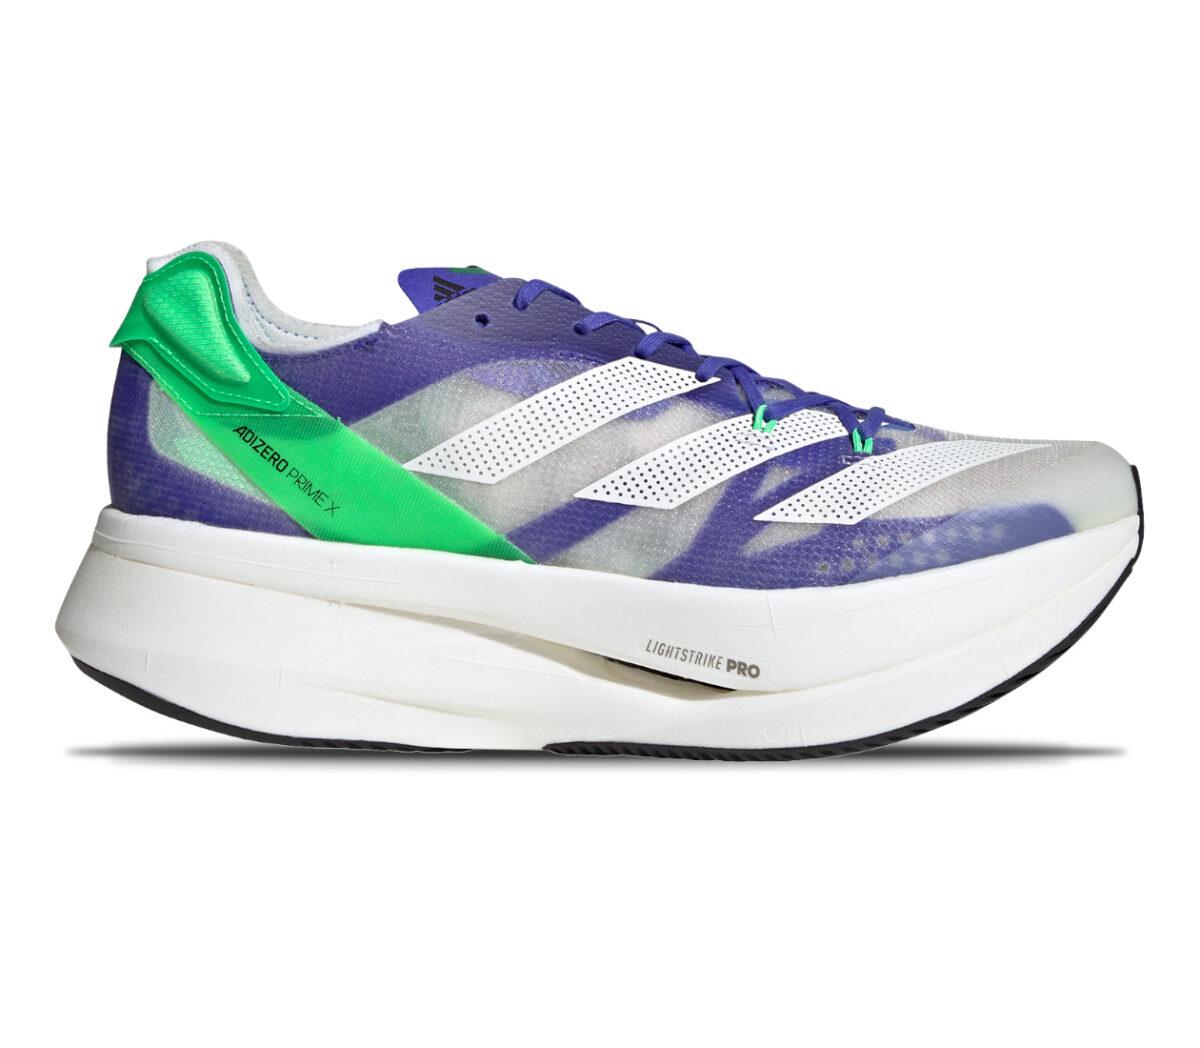 scarpa running reattiva adizero prime x viola e grigia